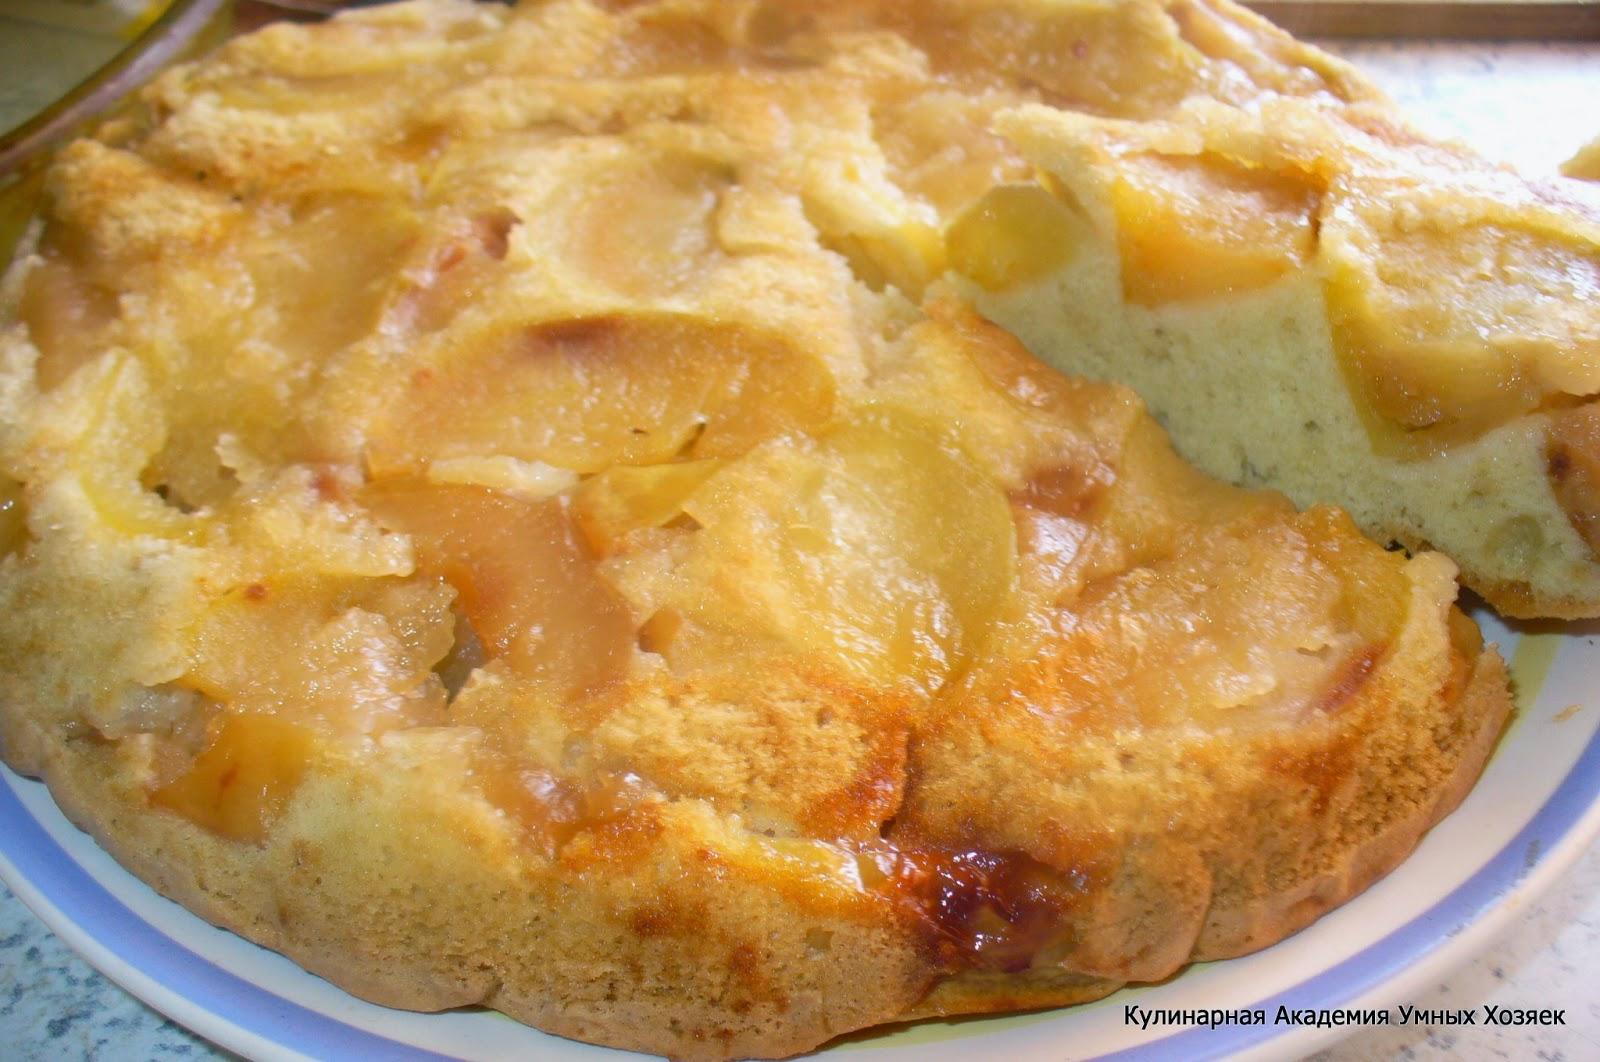 Шарлотка с карамелизированными яблоками рецепт пошагово в духовке